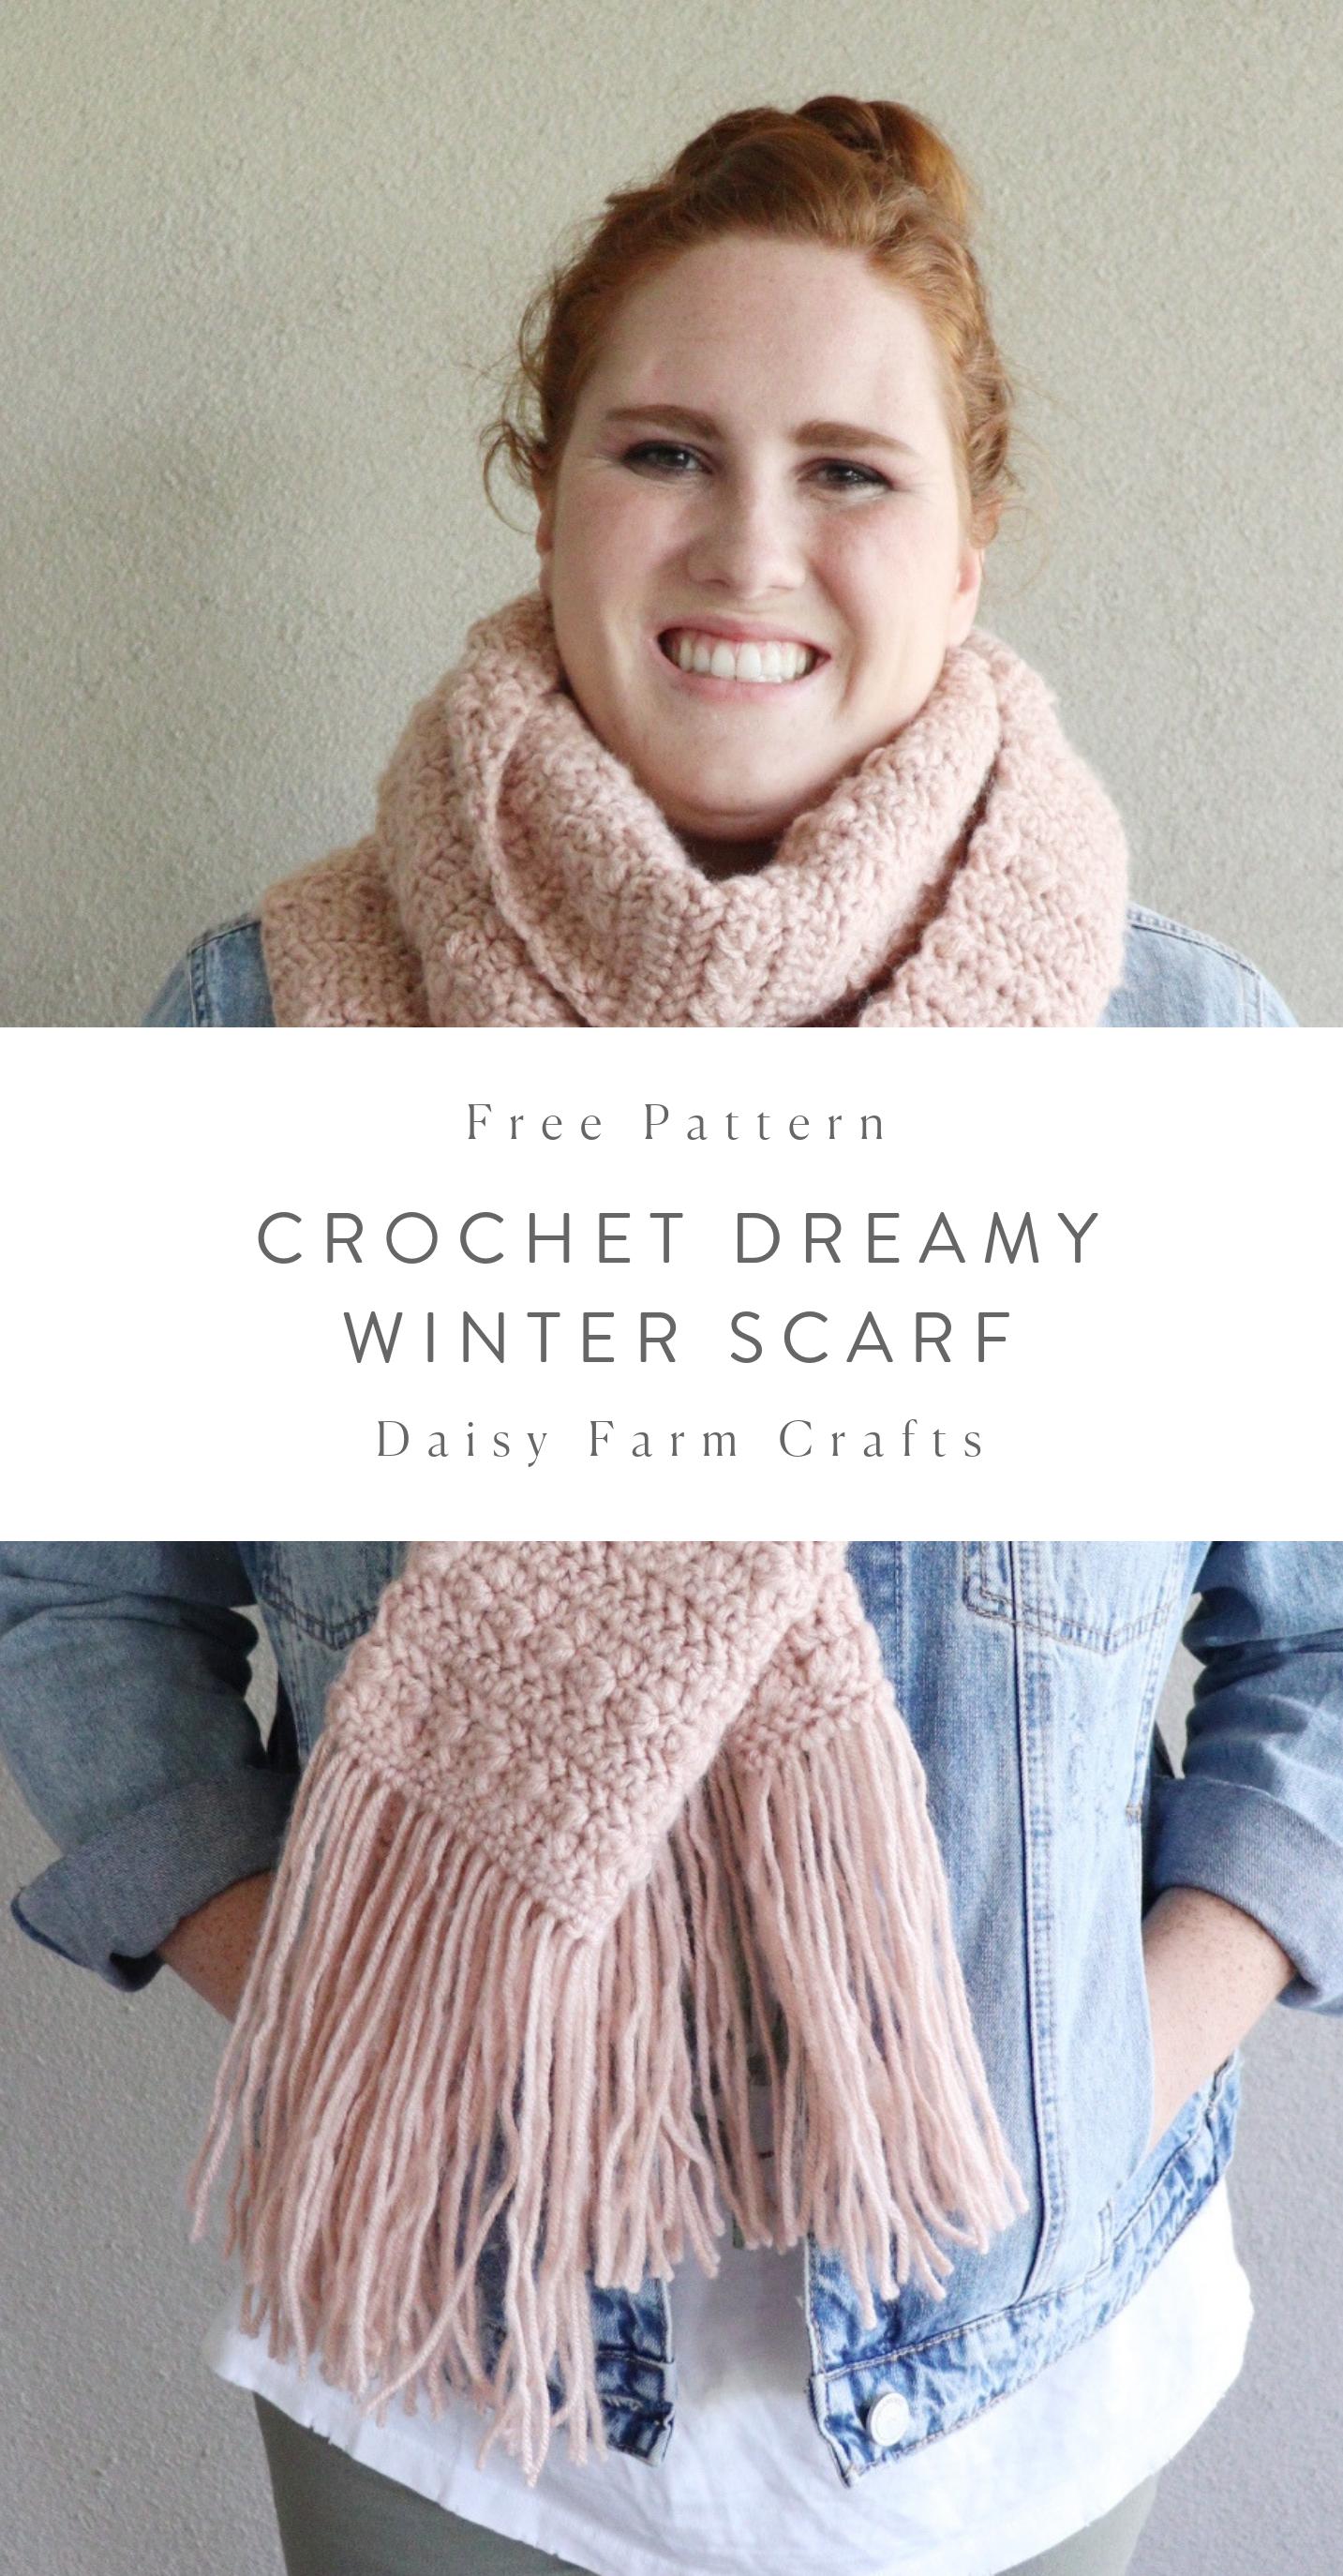 Free Pattern - Crochet Dreamy Scarf